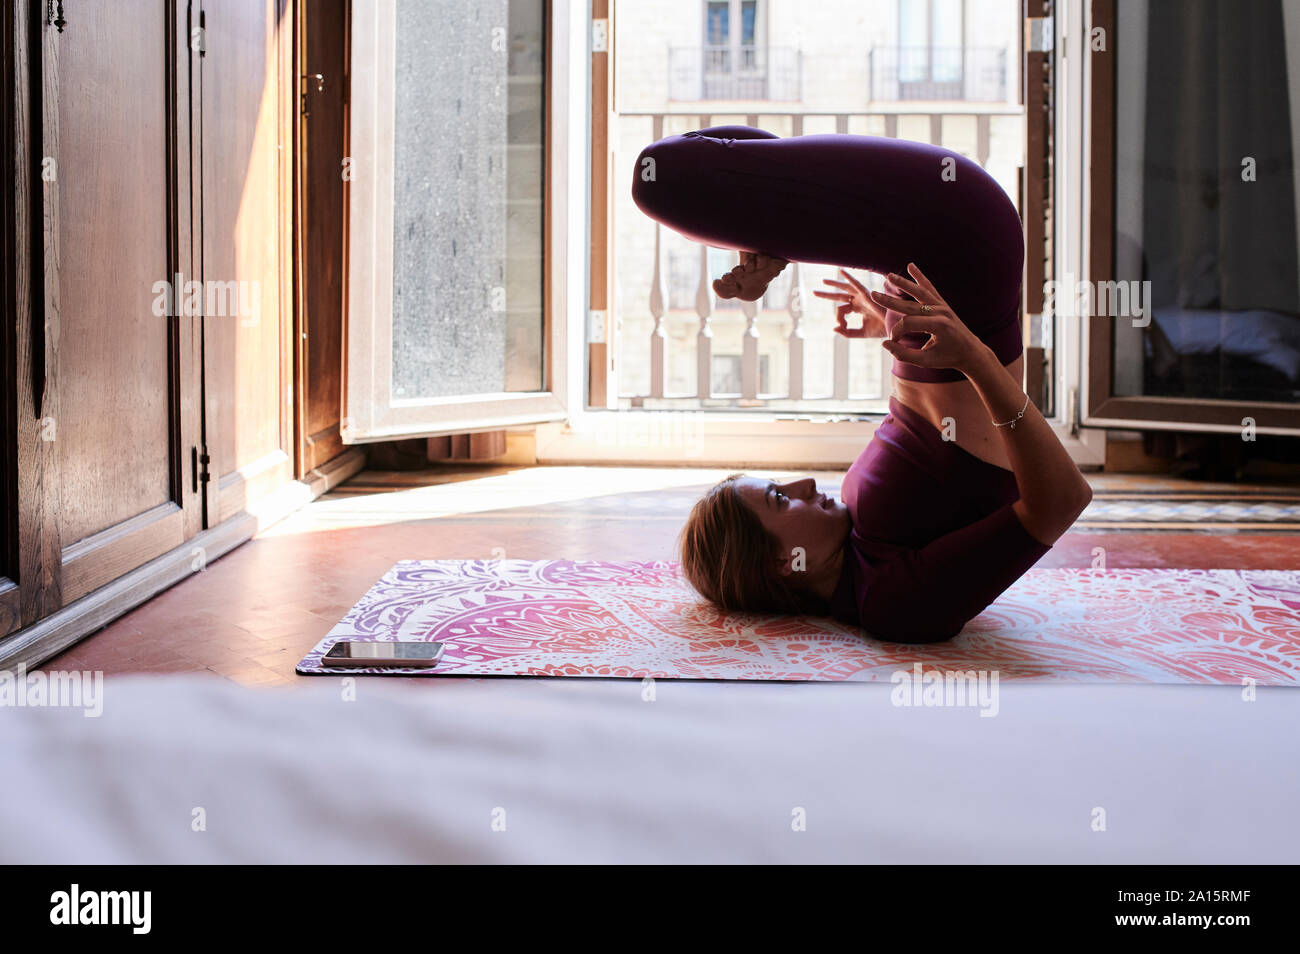 Mujer joven morenita practicando yoga en la residencia de estudiantes Foto de stock